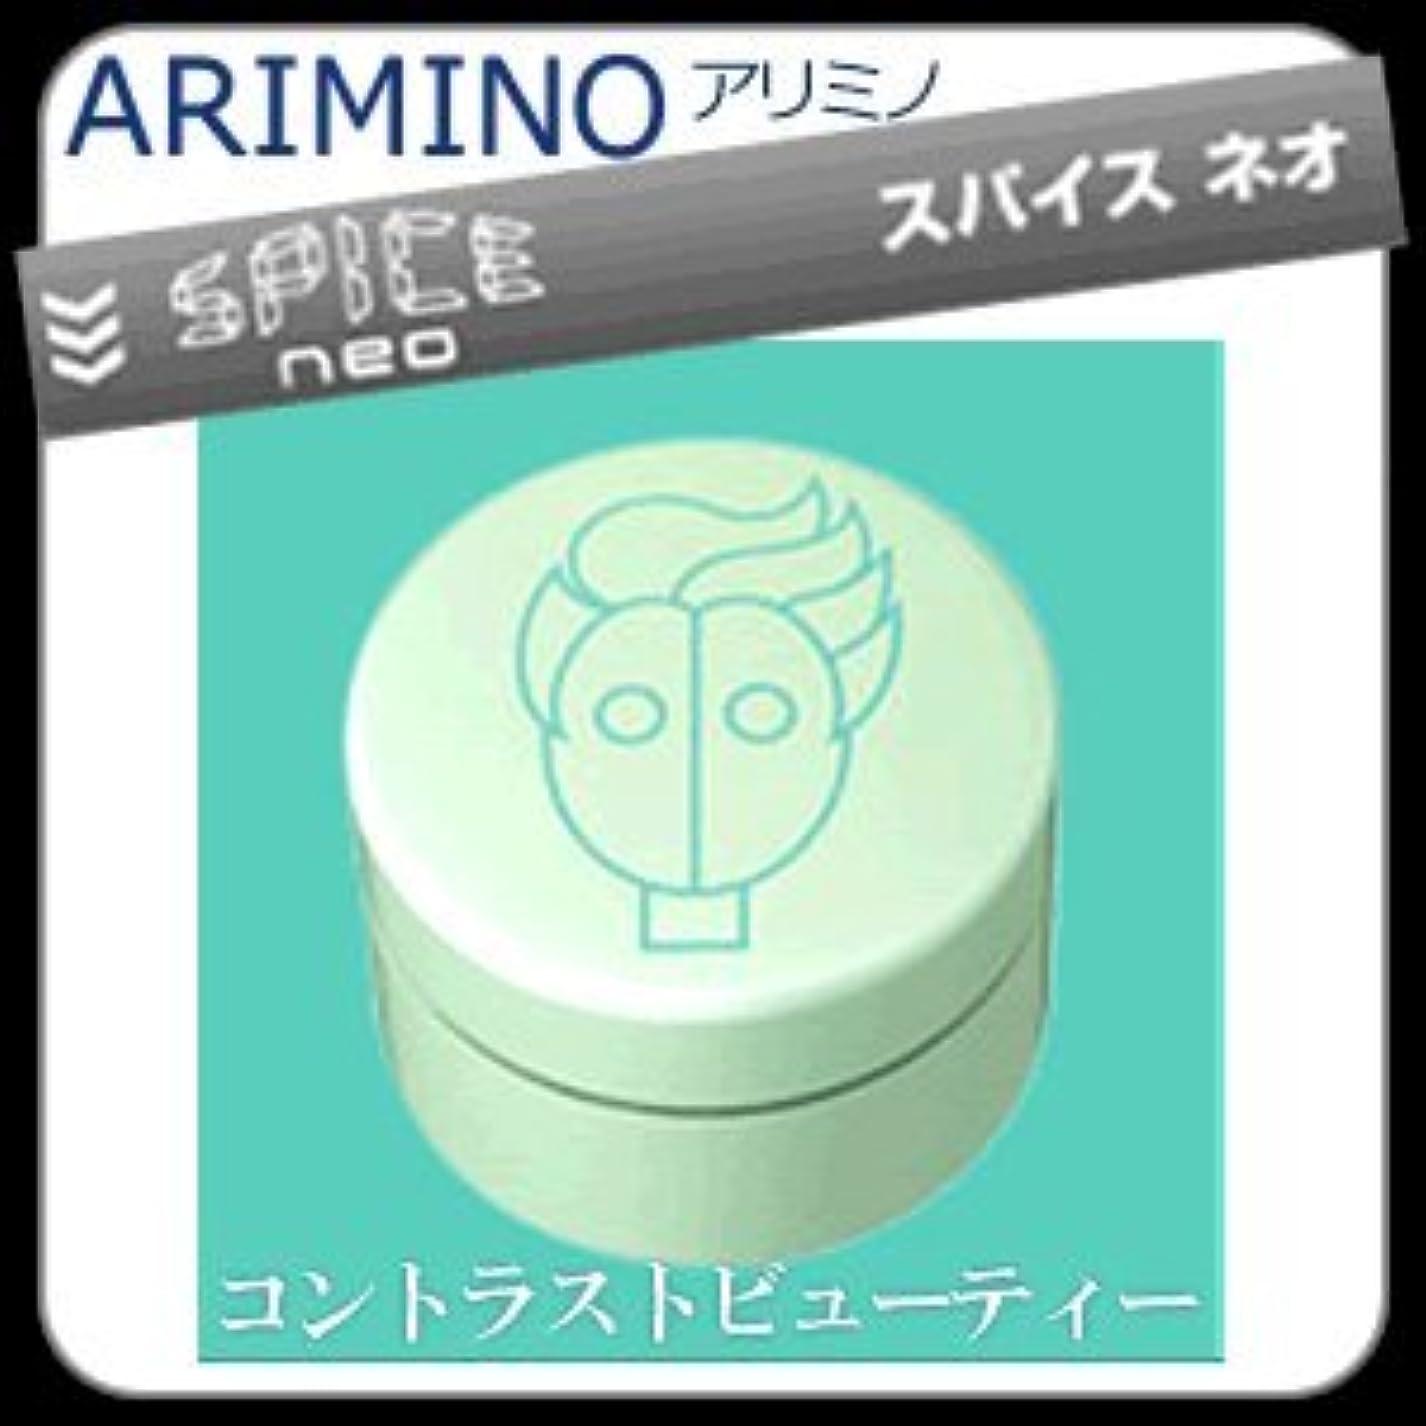 金曜日象絡み合い【X3個セット】 アリミノ スパイスネオ GREASE-WAX グリースワックス 100g ARIMINO SPICE neo